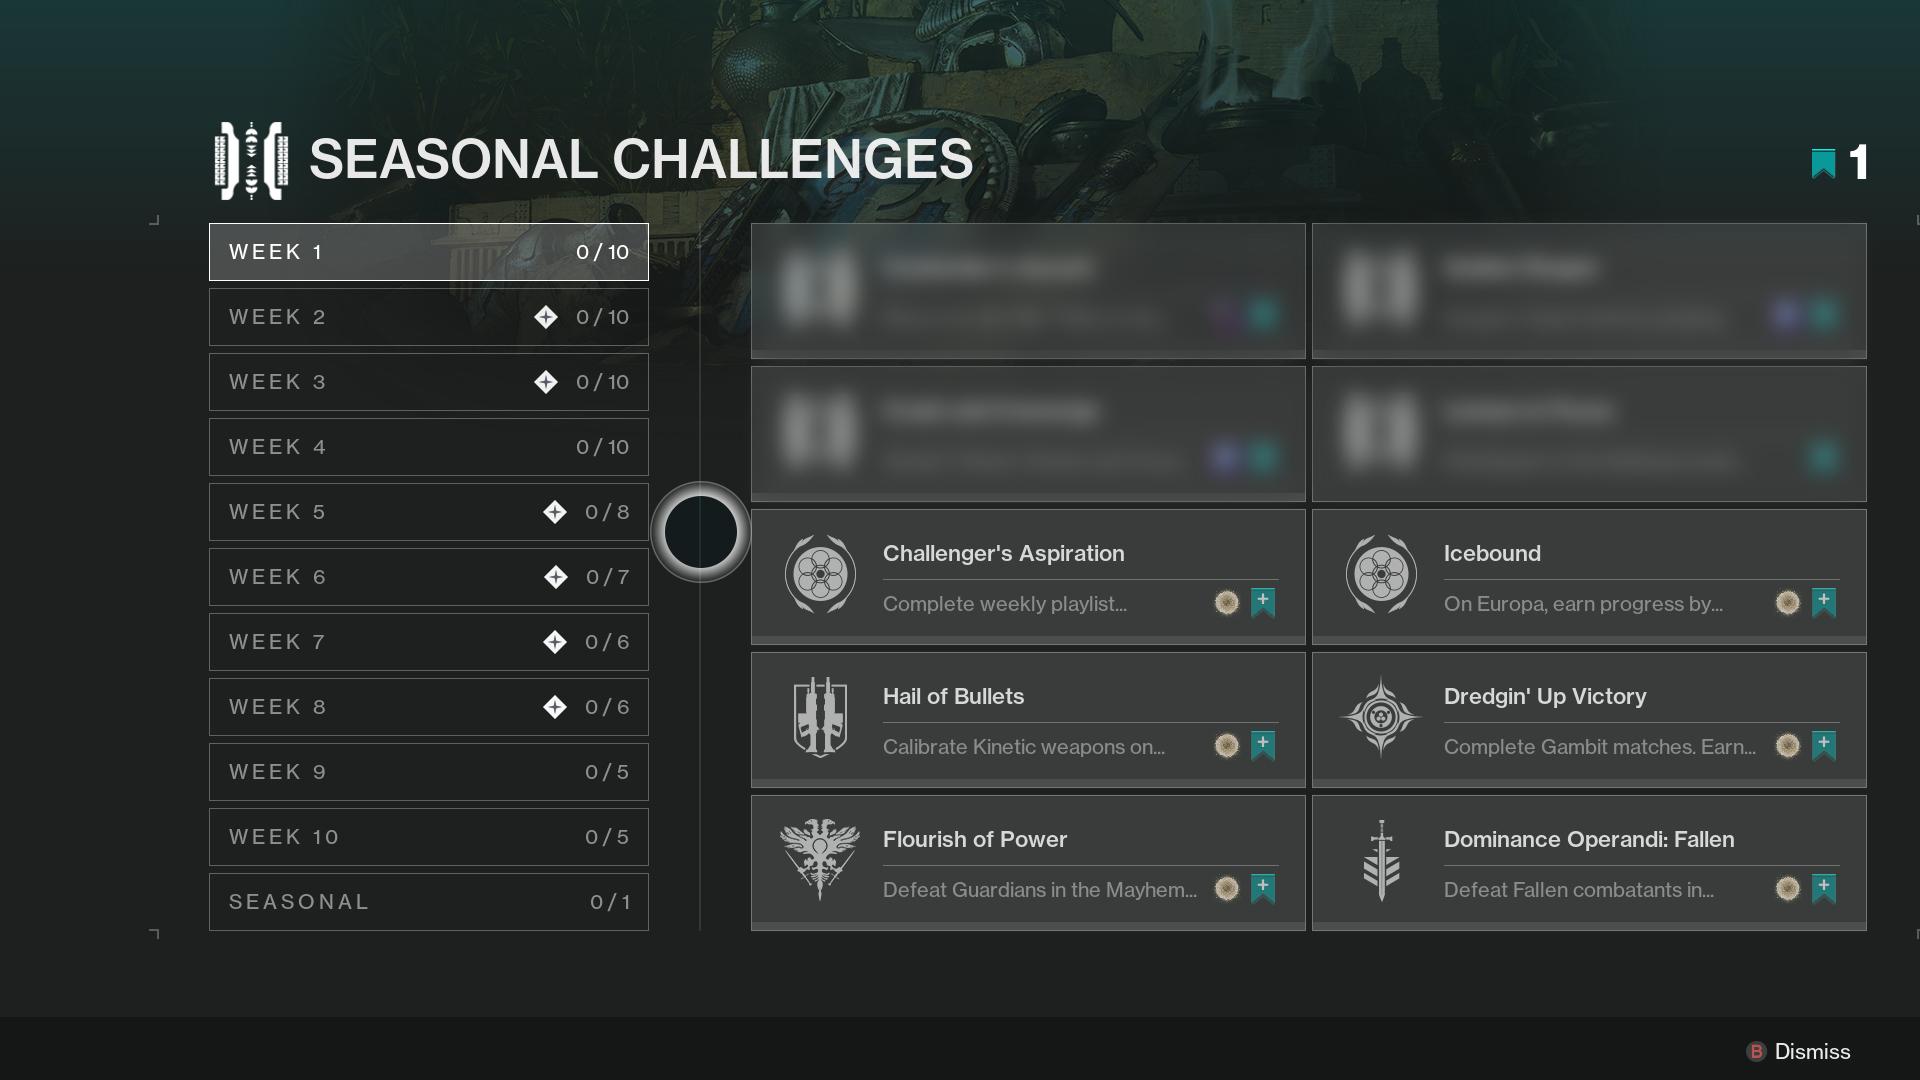 Destiny 2 expone sus Desafíos de Temporada, un cambio importante repleto de recompensas 1